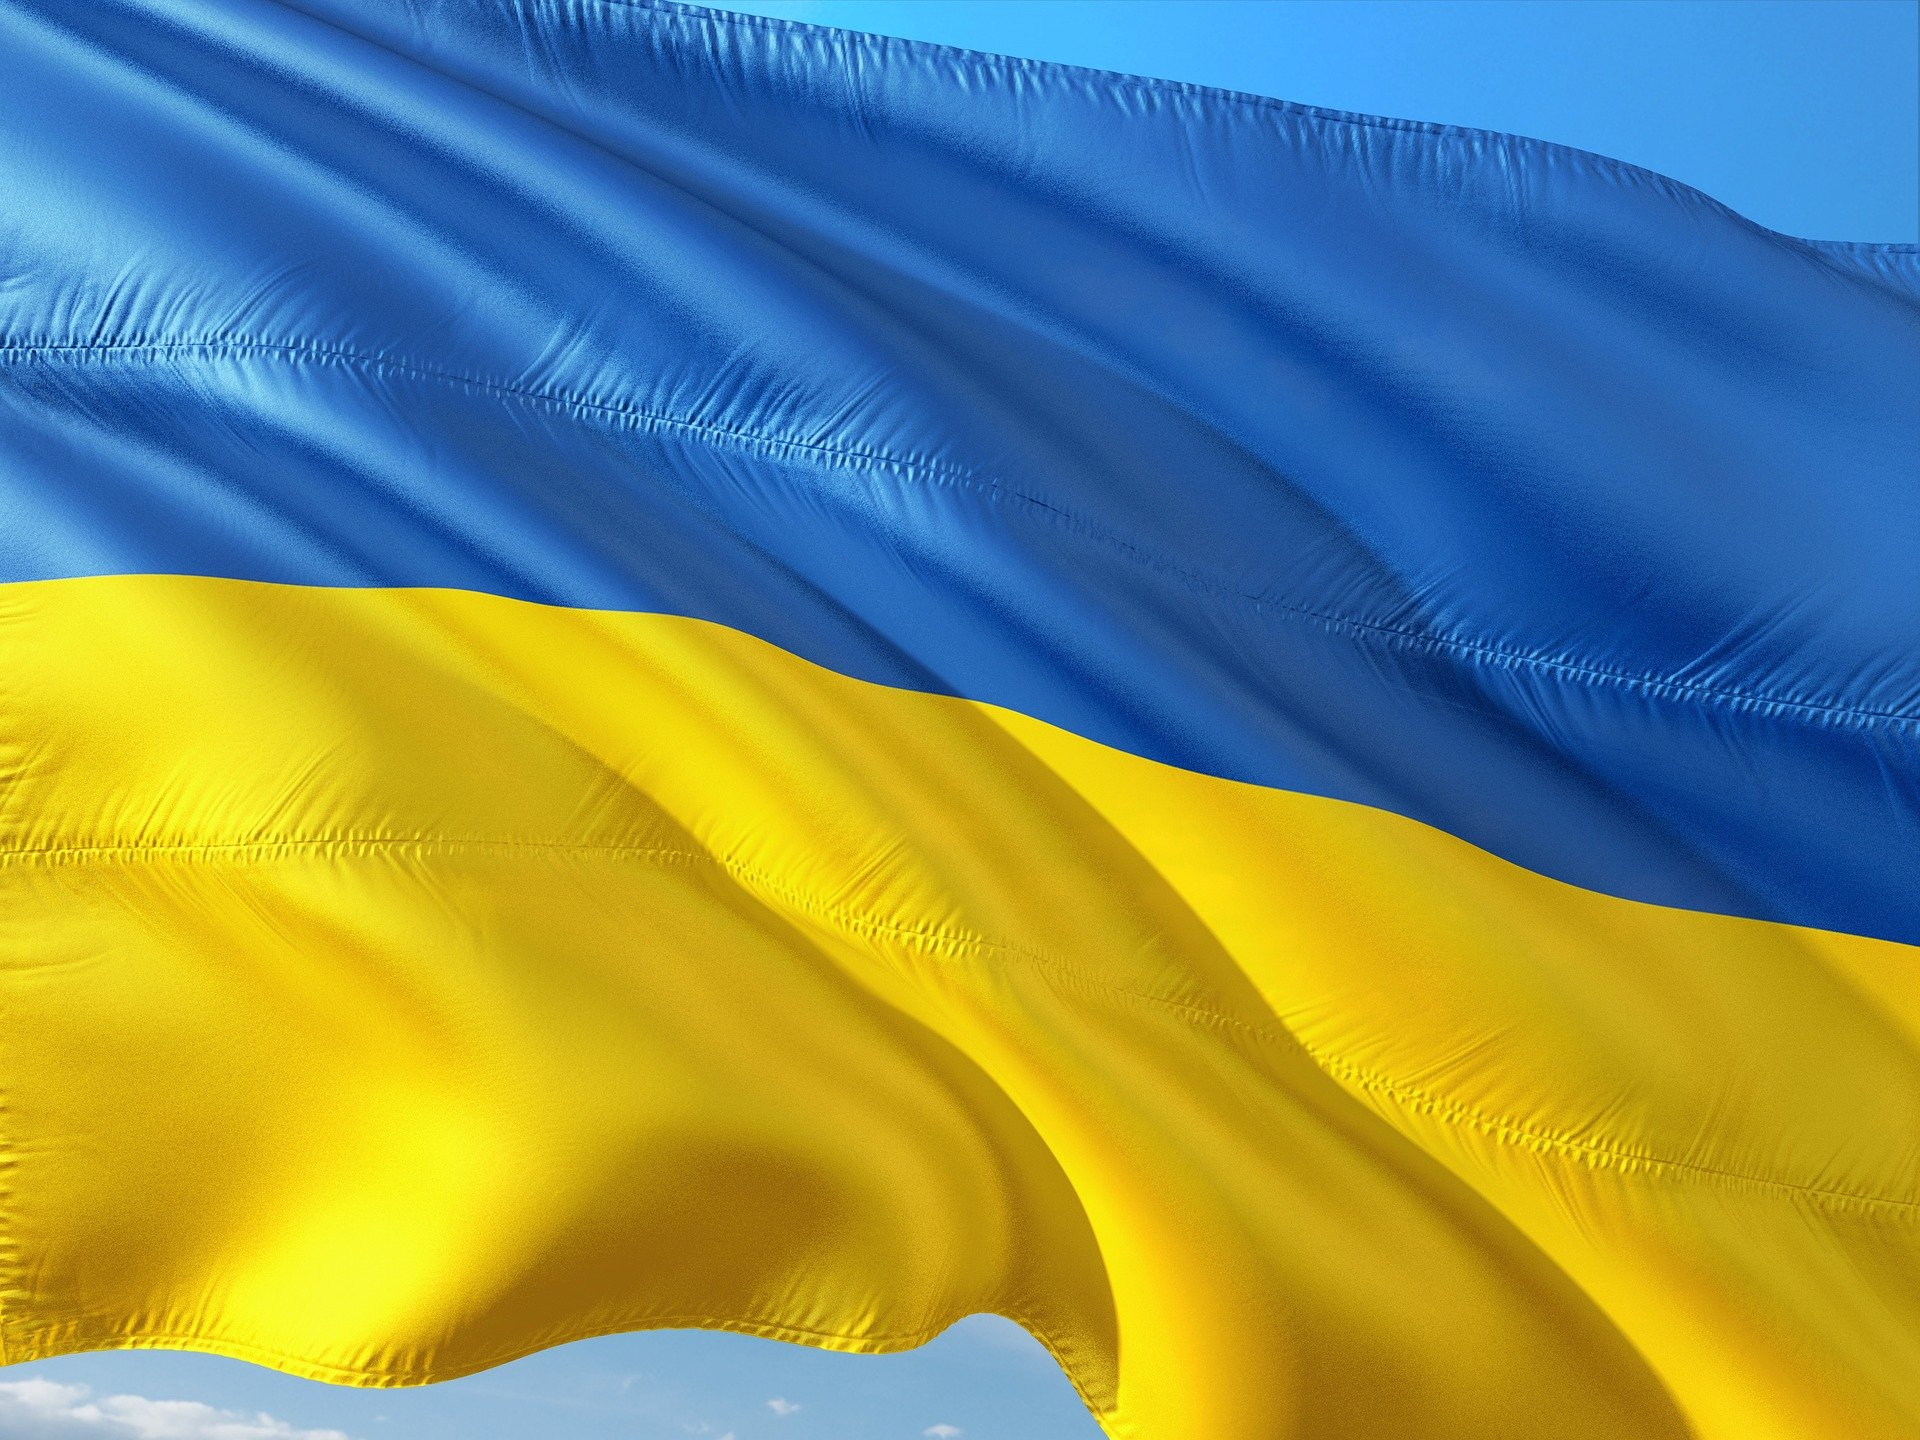 Политолог назвал парадоксальным запрет на российское гражданство для украинцев